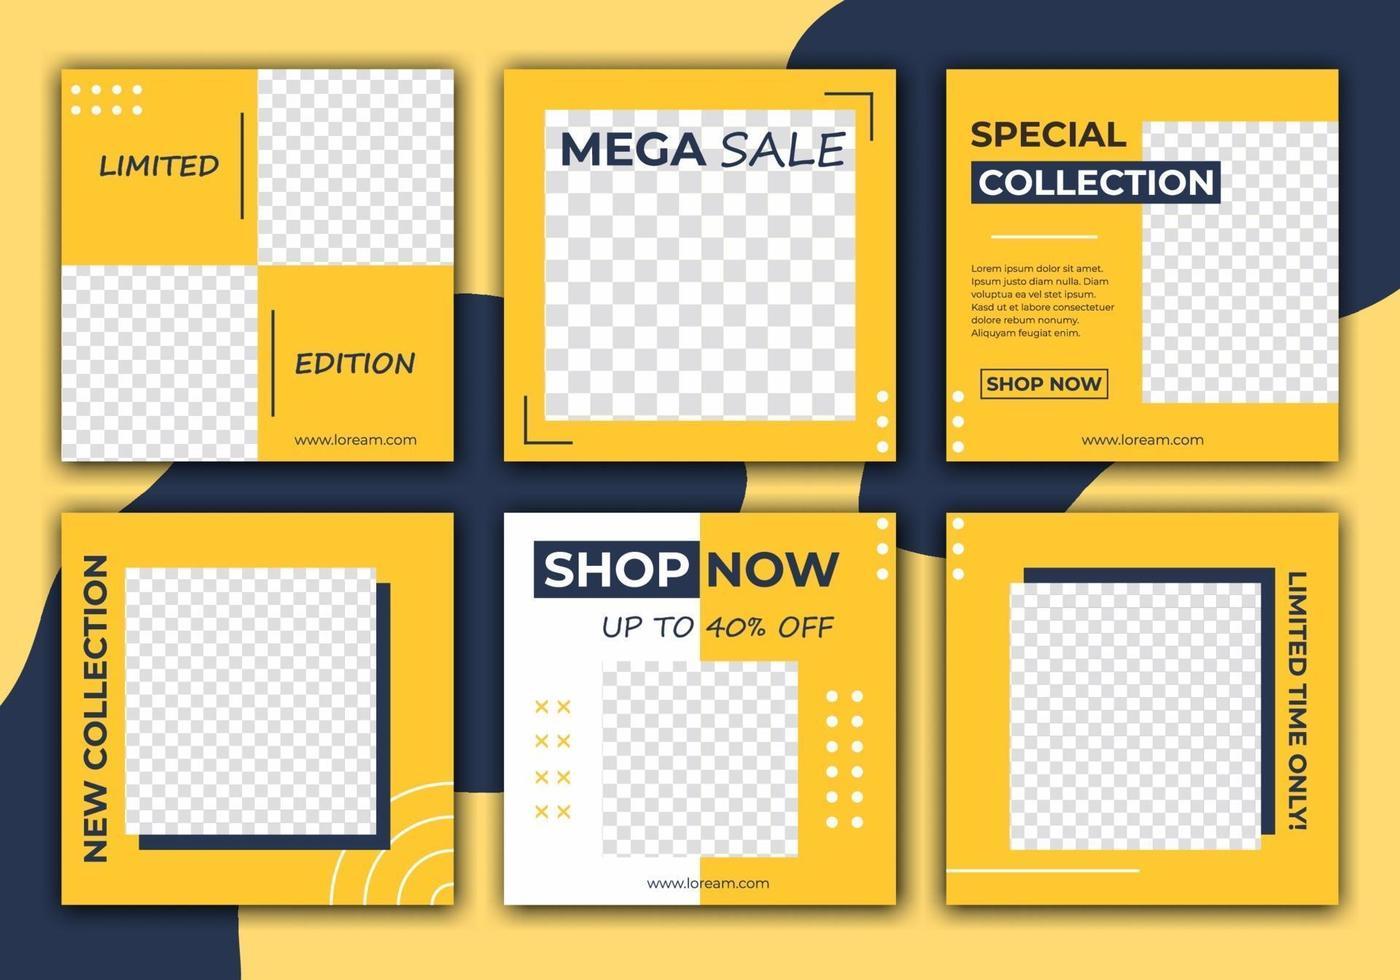 redigerbar mall för sociala medier. mörkblå och gul bakgrundsfärg med randlinjeform. vem som helst kan enkelt använda denna design. elegant försäljning och rabattkampanj. vektor illustration